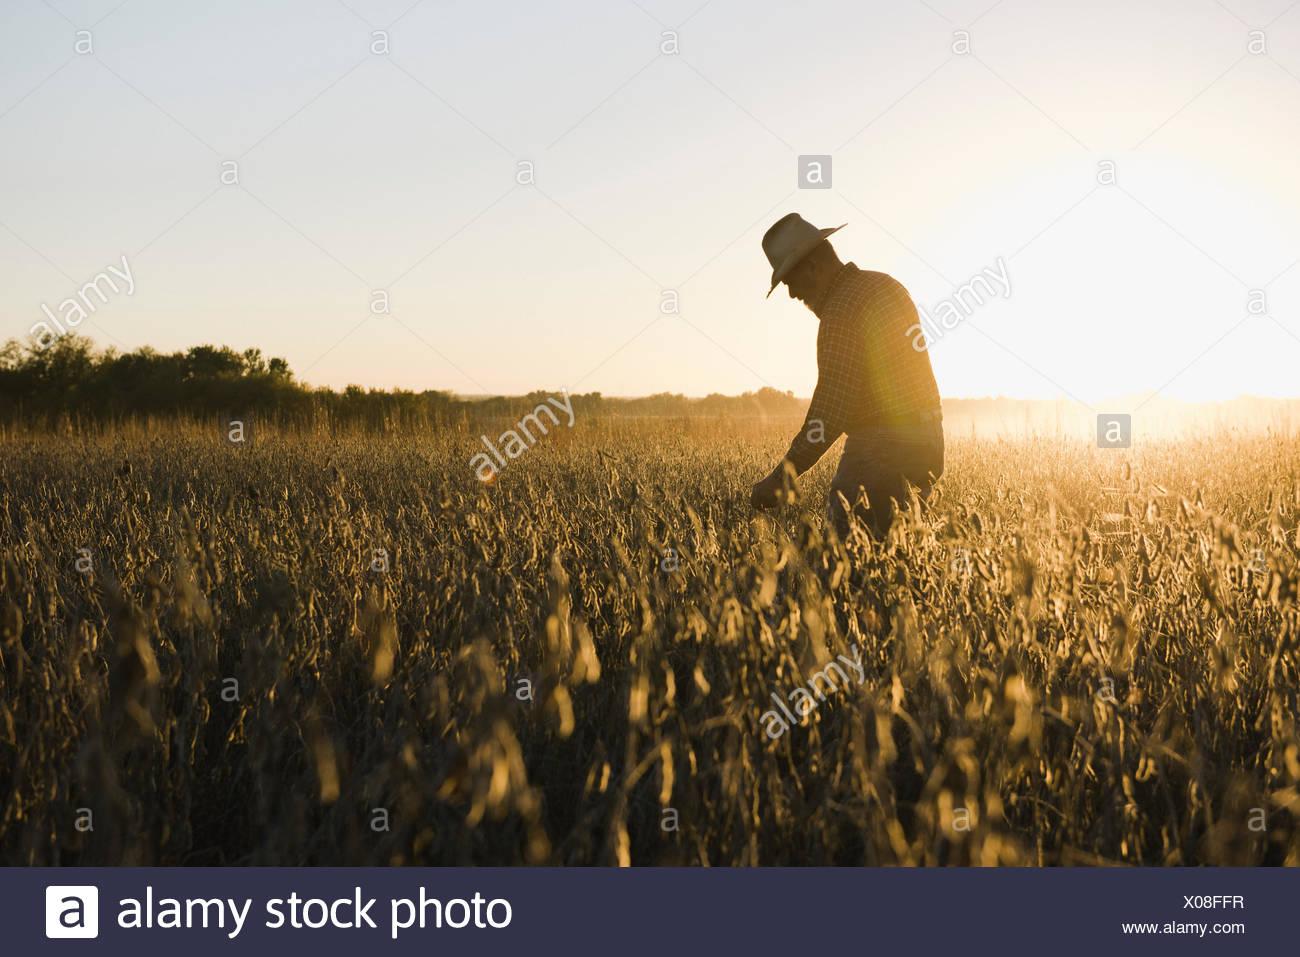 La haute silhouette d'agriculteur à la récolte de soja au coucher du soleil, à Plattsburg, New York, USA Photo Stock